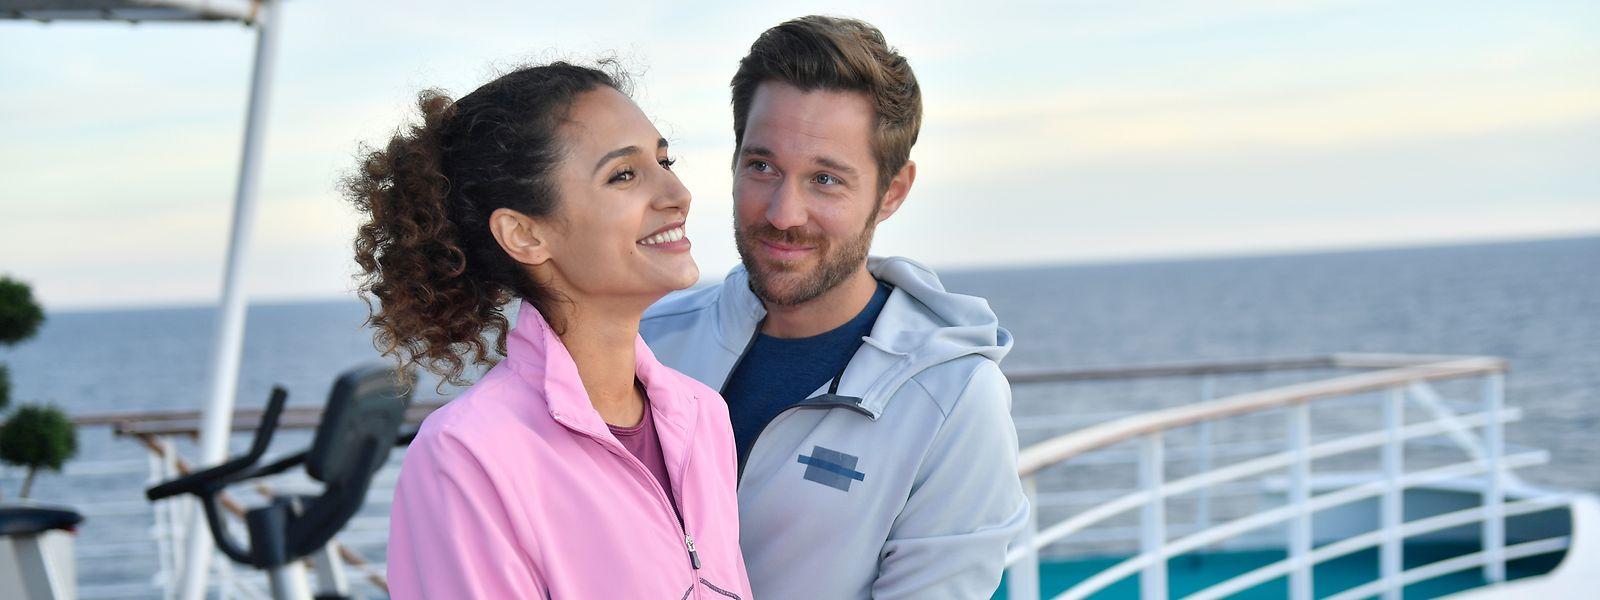 Fitnesstrainer Lennart (Tommy Schlesser) hat das Herz von Lilani (Michaela Saba) im Sturm erobert. Doch er ahnt nicht, wer sie wirklich ist.